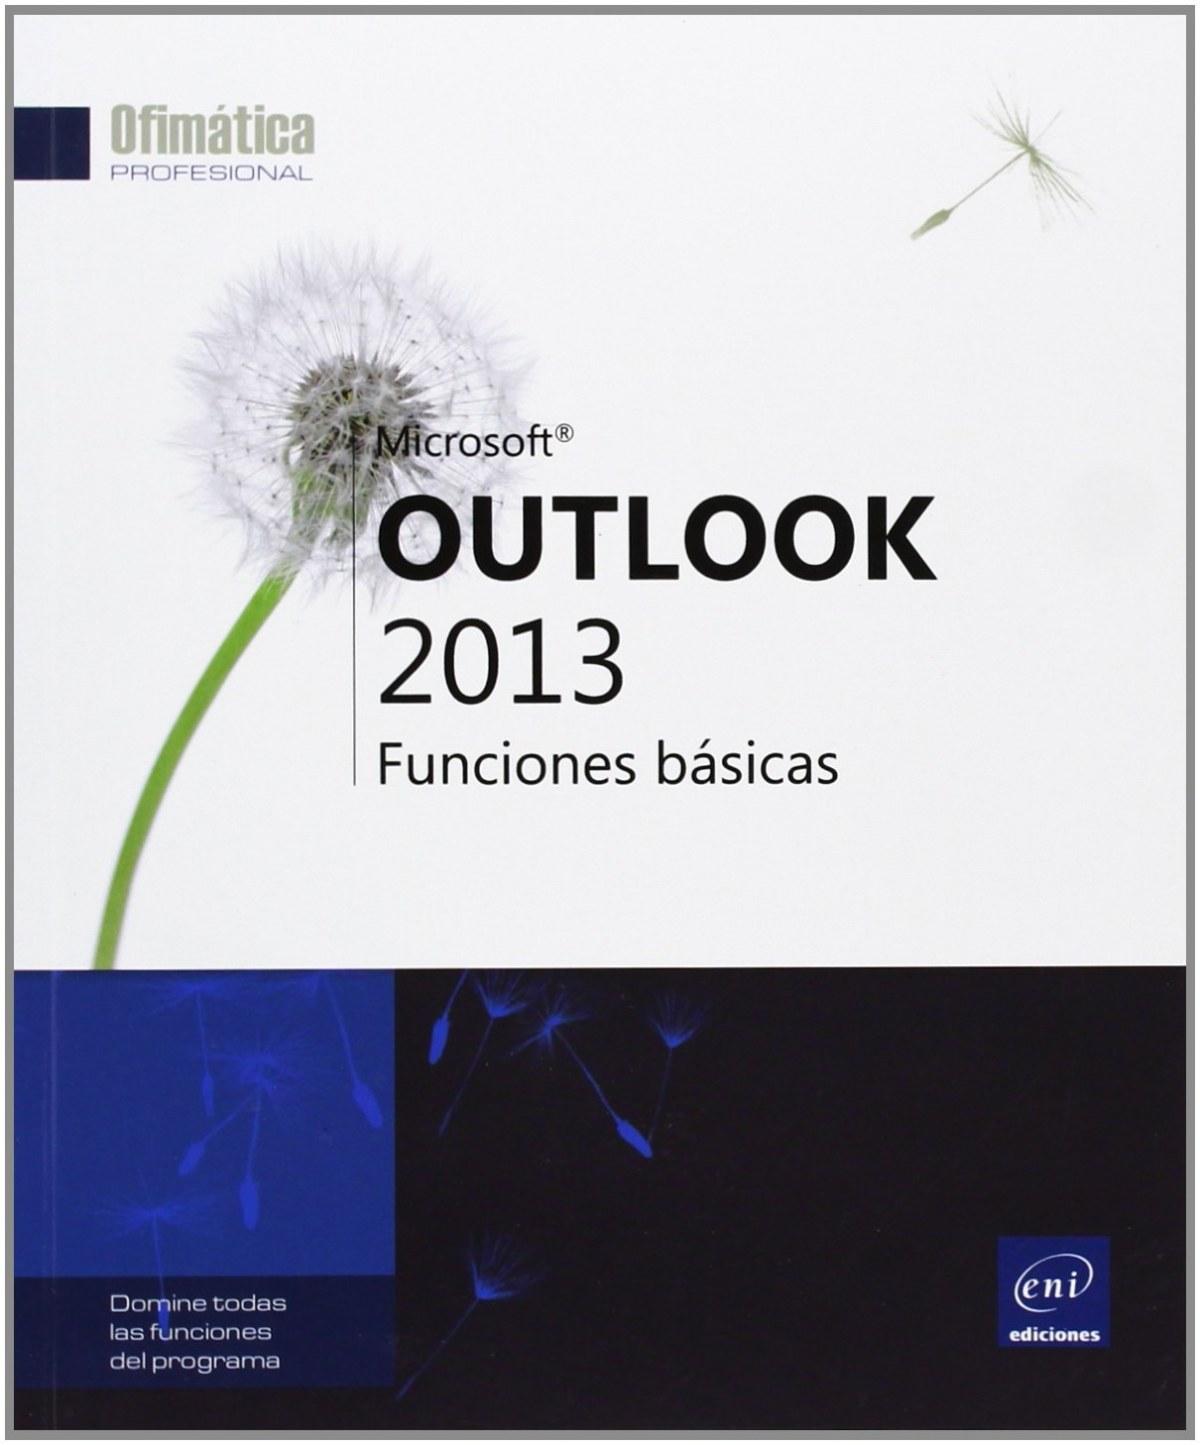 Ofimática Prof. Outlook 2013 - Funciones básicas